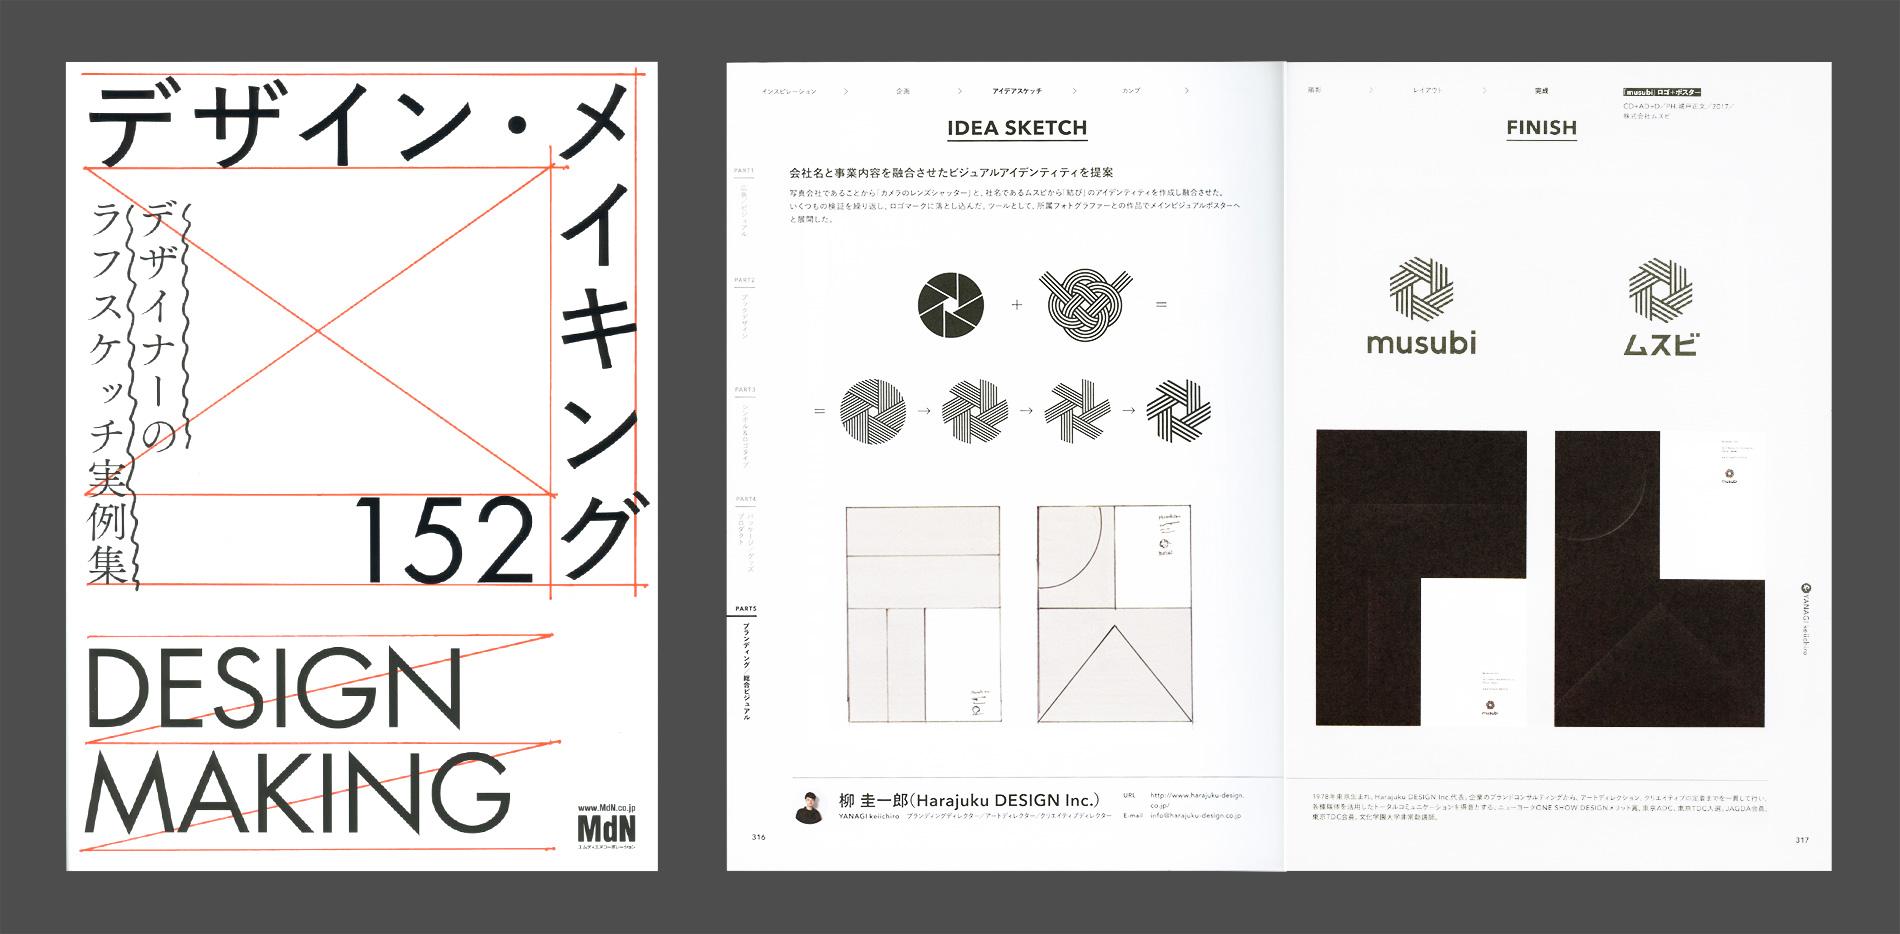 デザイン・メイキング152 デザイナーのラフスケッチ実例集 柳 圭一郎